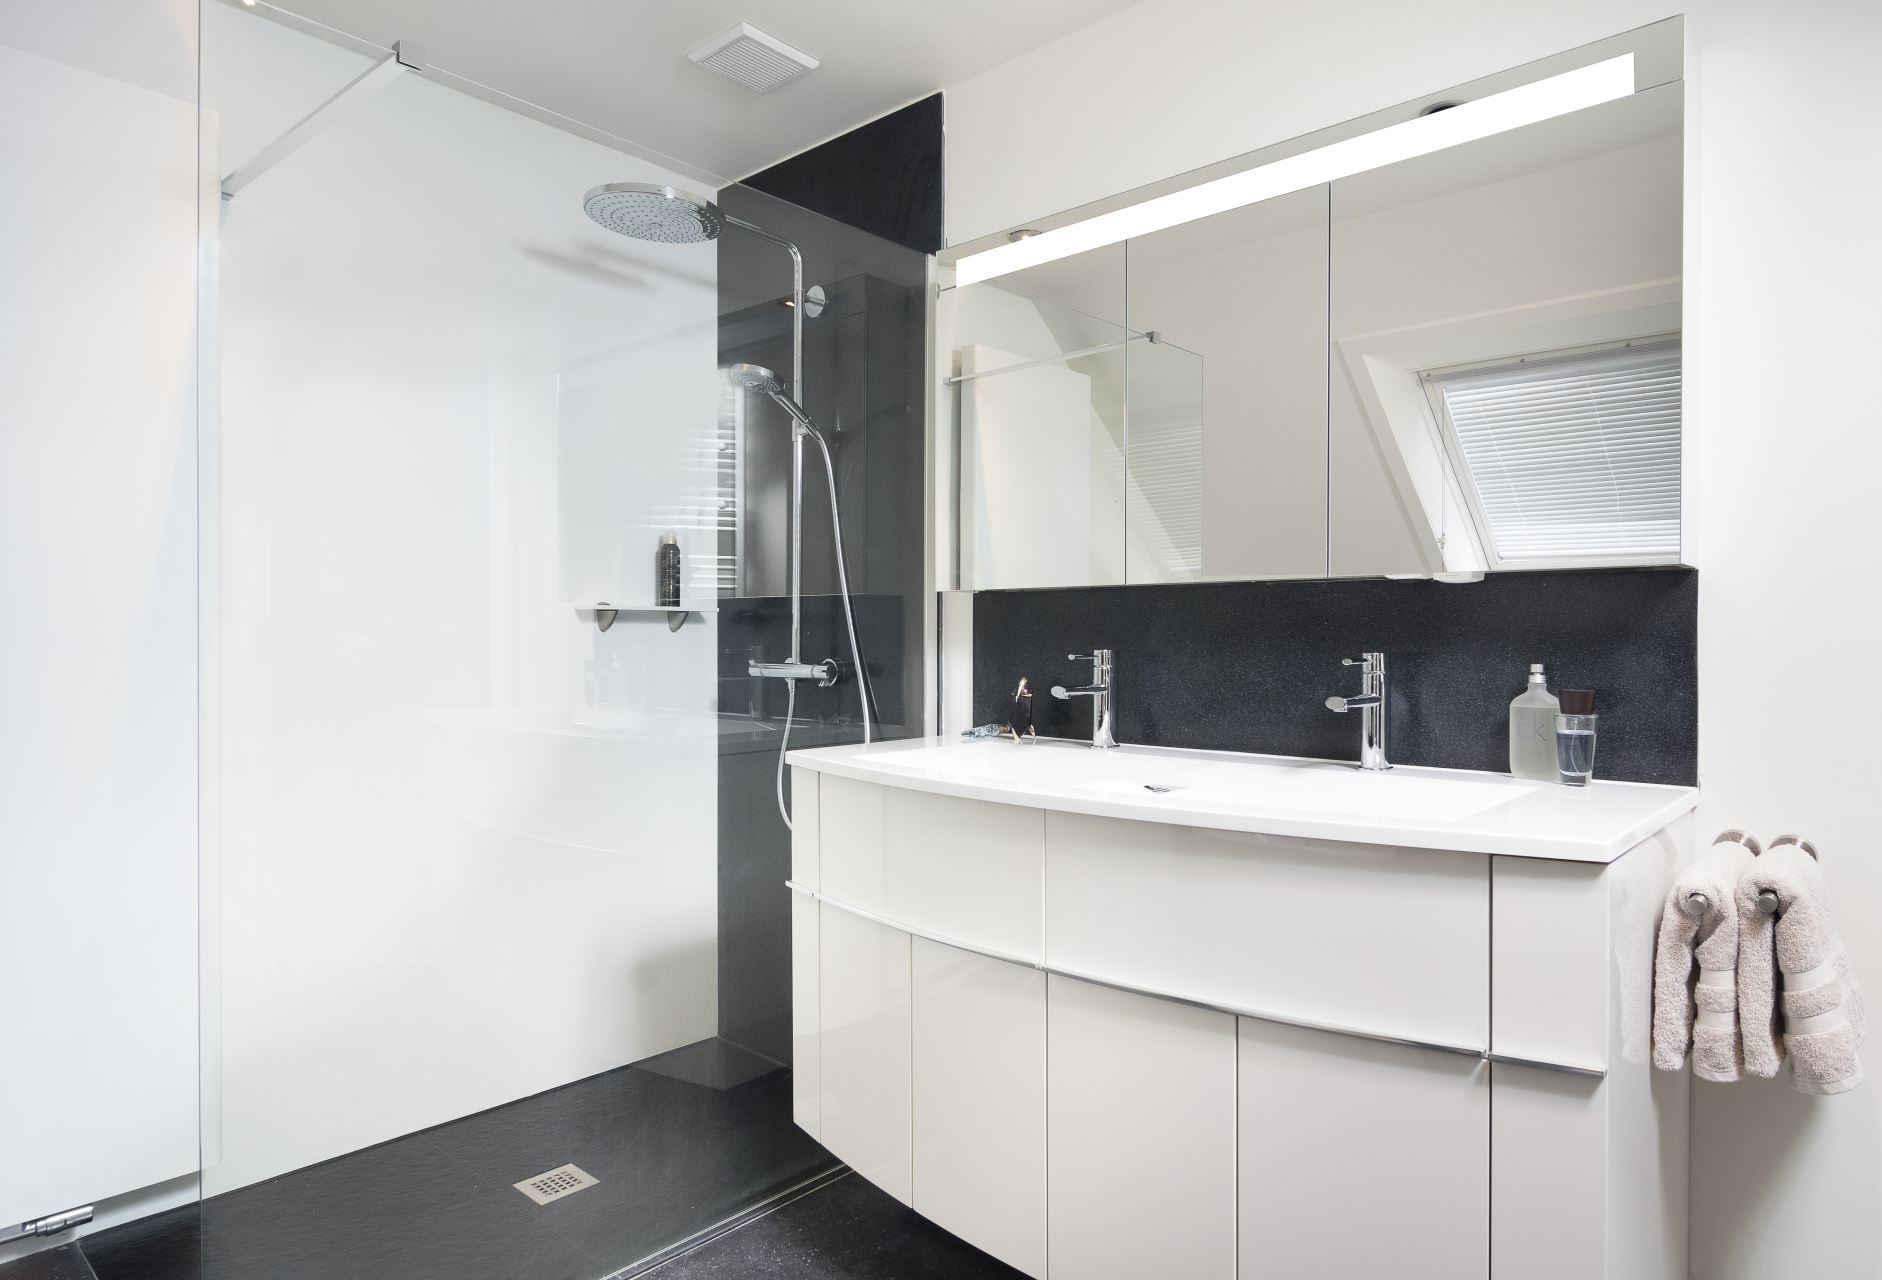 Renovatie Badkamer Knokke : Totale renovatie met bad douche nieuwe vloer te knokke heist